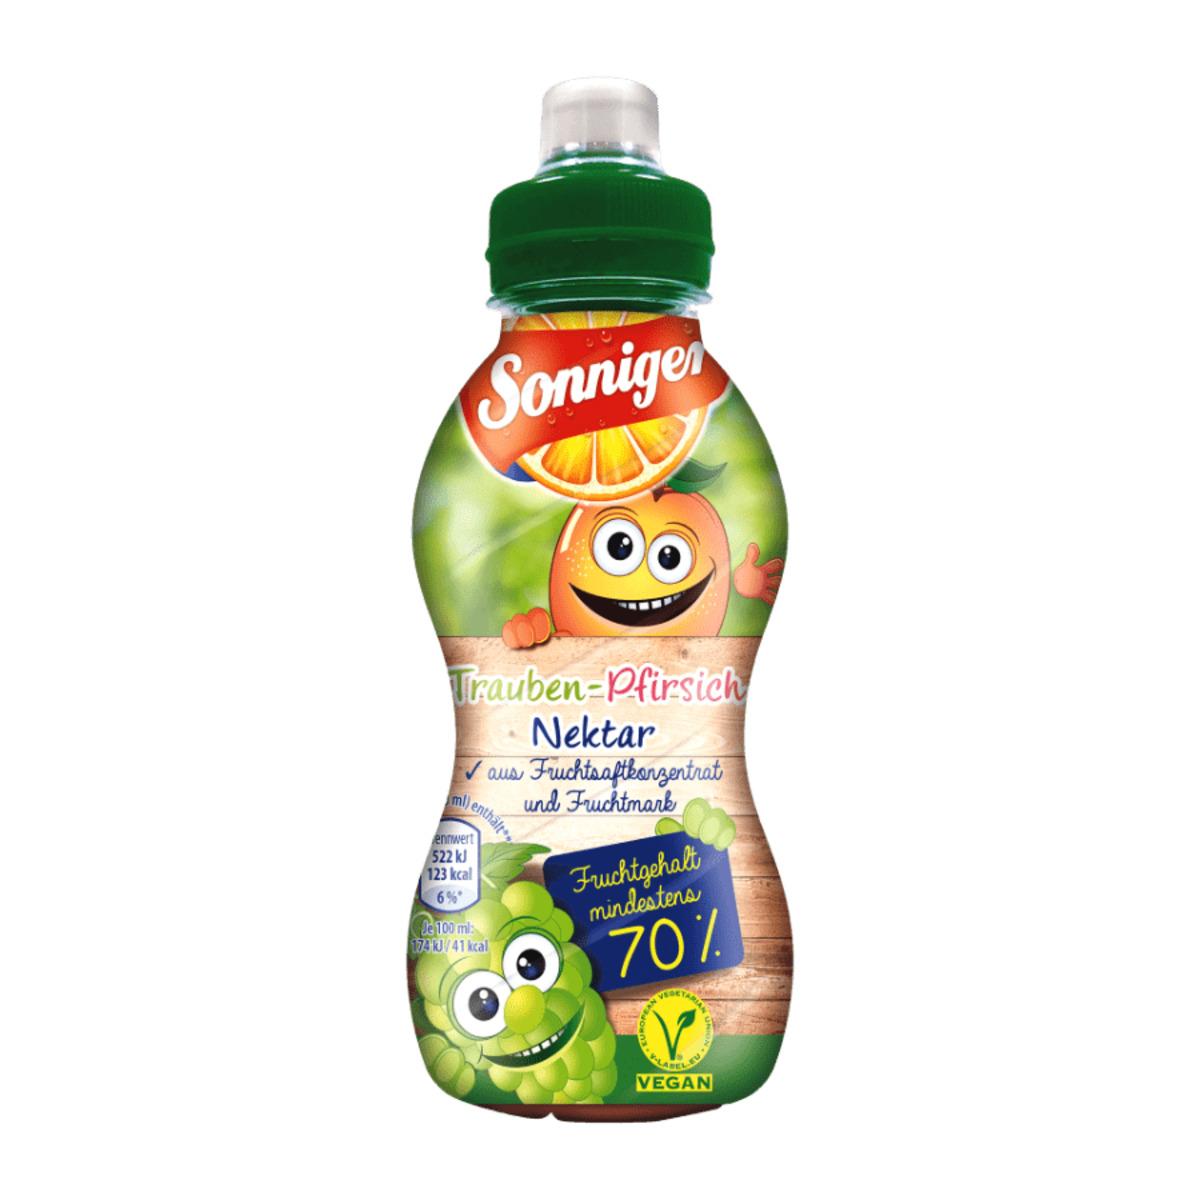 Bild 3 von SONNIGER     Mehrfrucht-Nektar